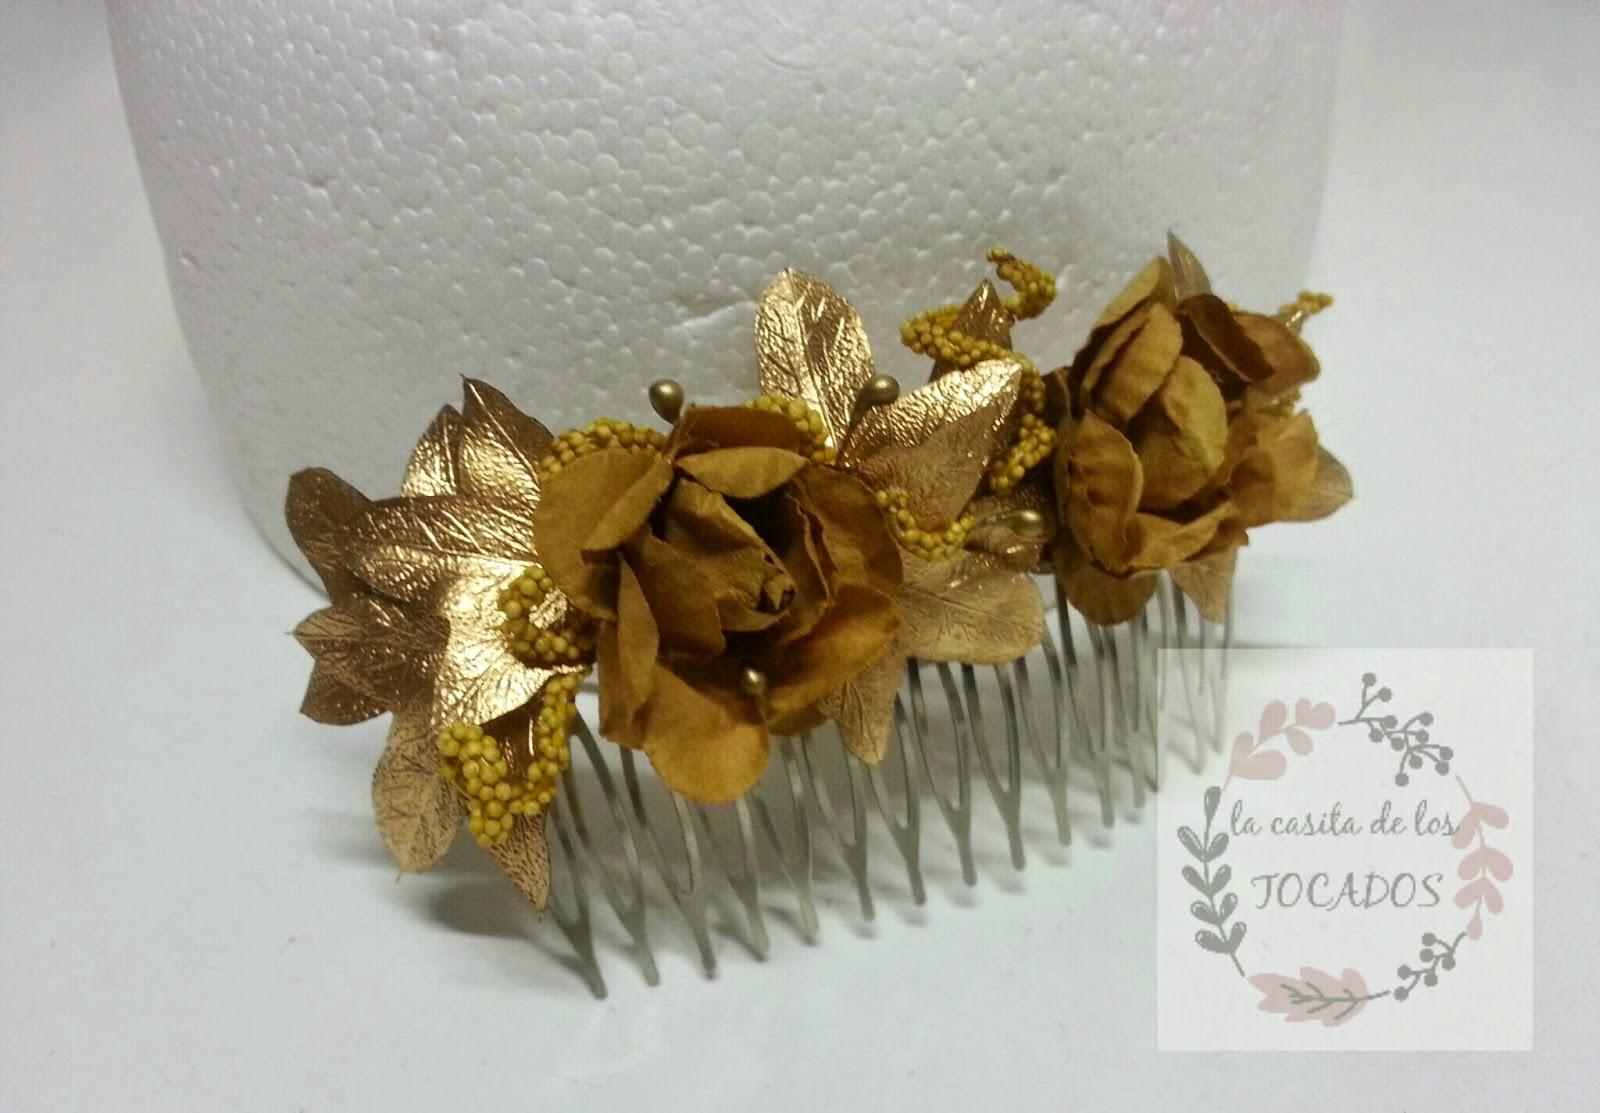 peineta para boda decorada con flores pequeñas, hojas y pistilos perlados en colo dorado estilo griego